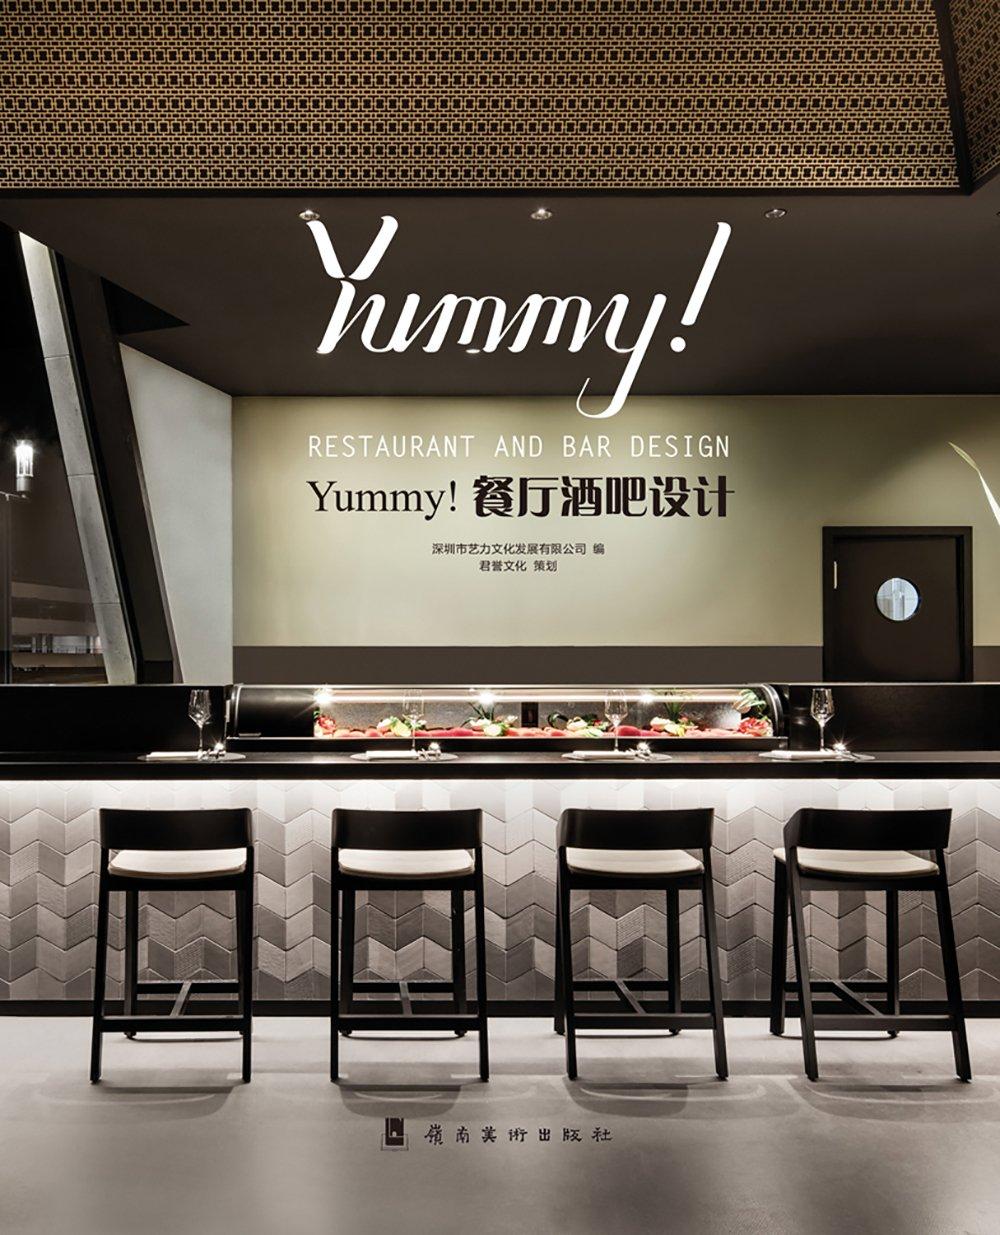 Yummy! Restaurant and Bar Design pdf